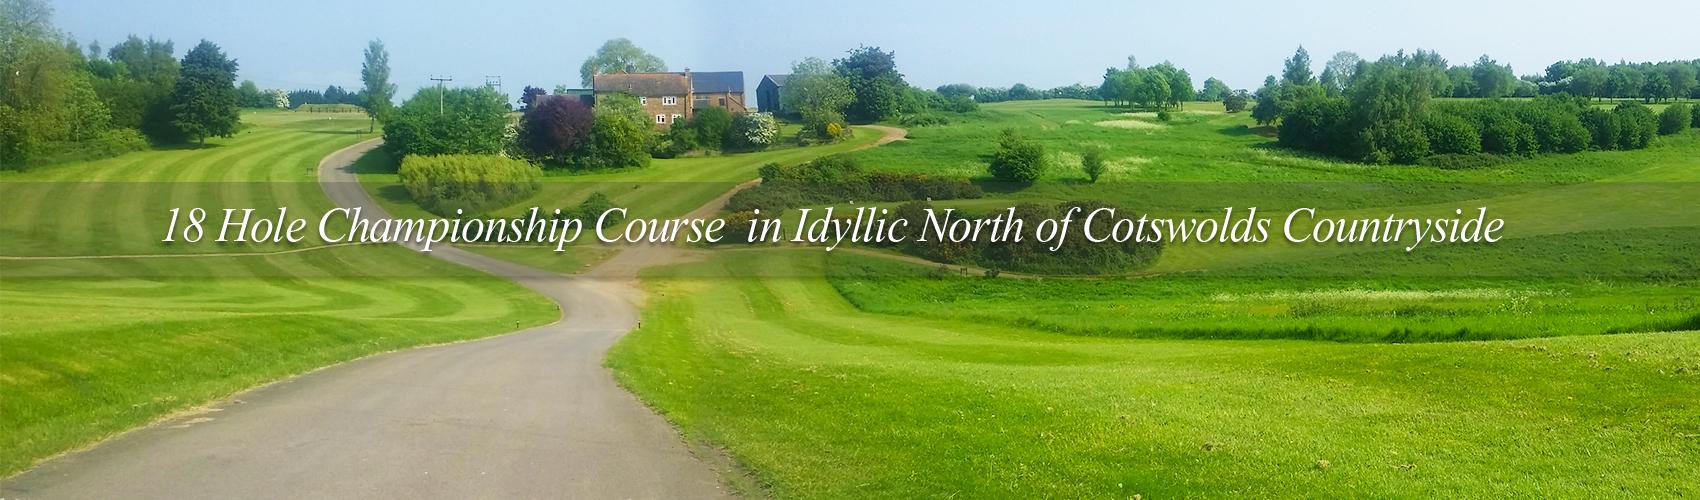 The Ryehill Golf Club